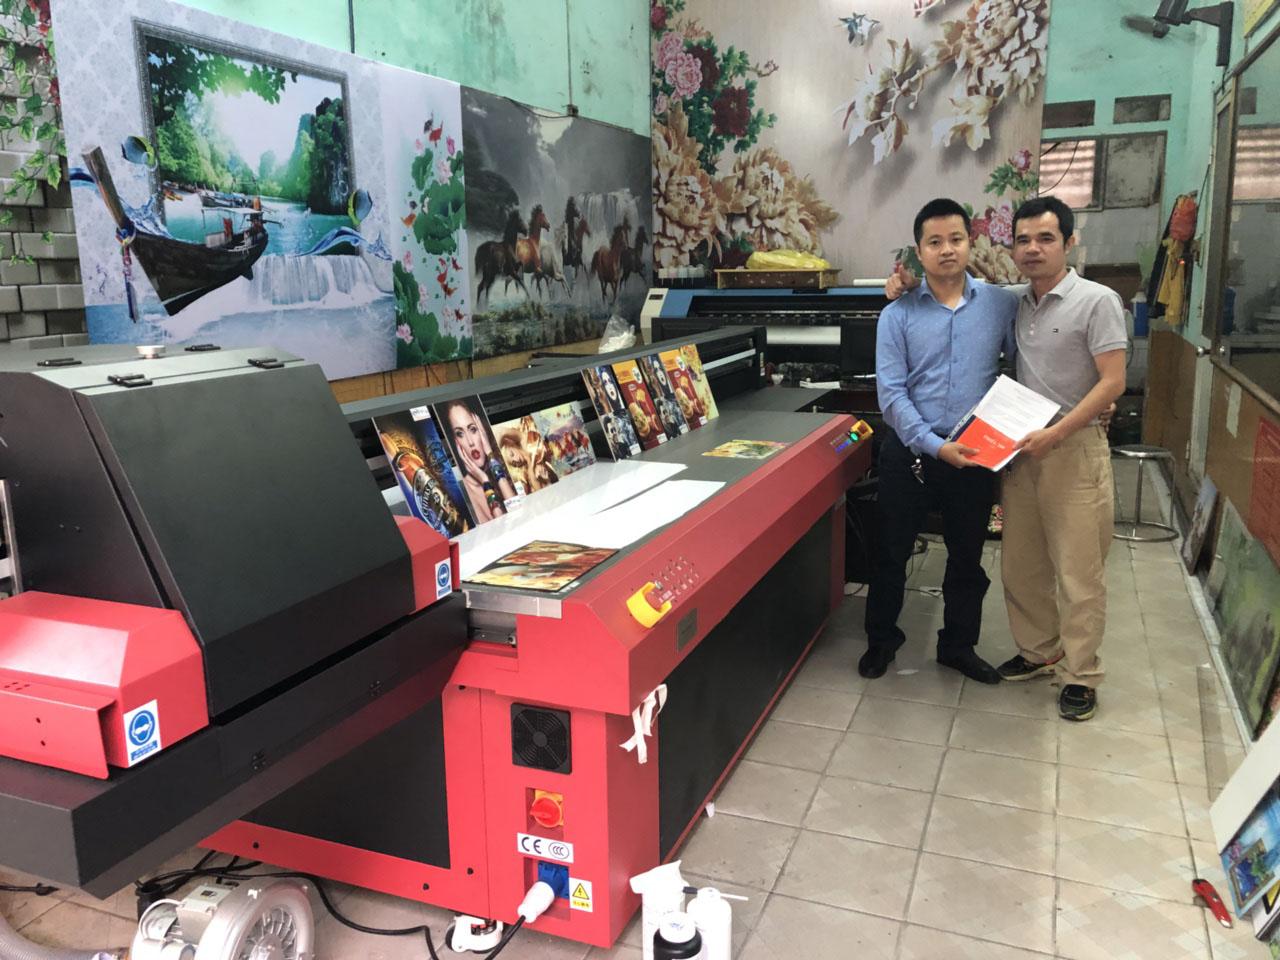 Bàn giao công nghệ máy in uv phẳng khổ 2513 cho Quảng cáo Phong Cách Việt tại TP Hải Dương - Hải Dương